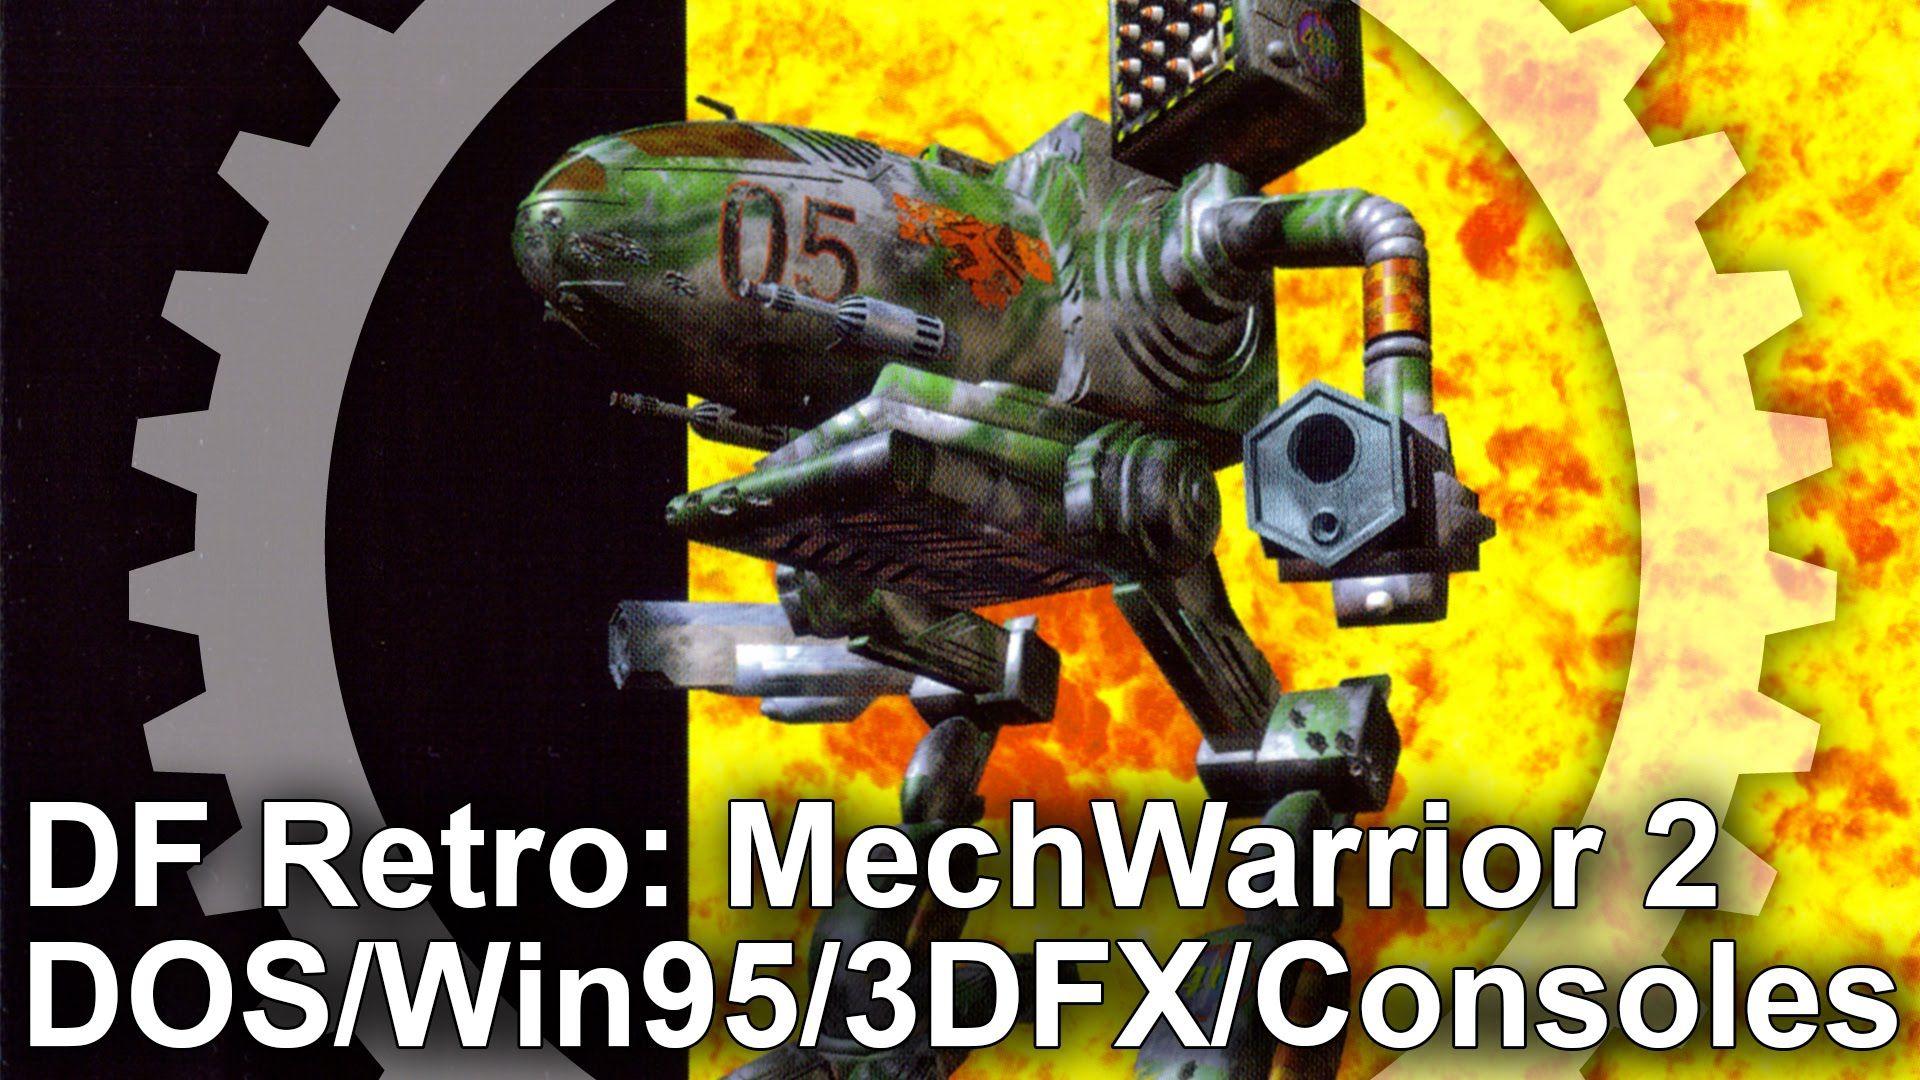 DF Retro: MechWarrior 2: 31st Century Combat - DOS/Win95